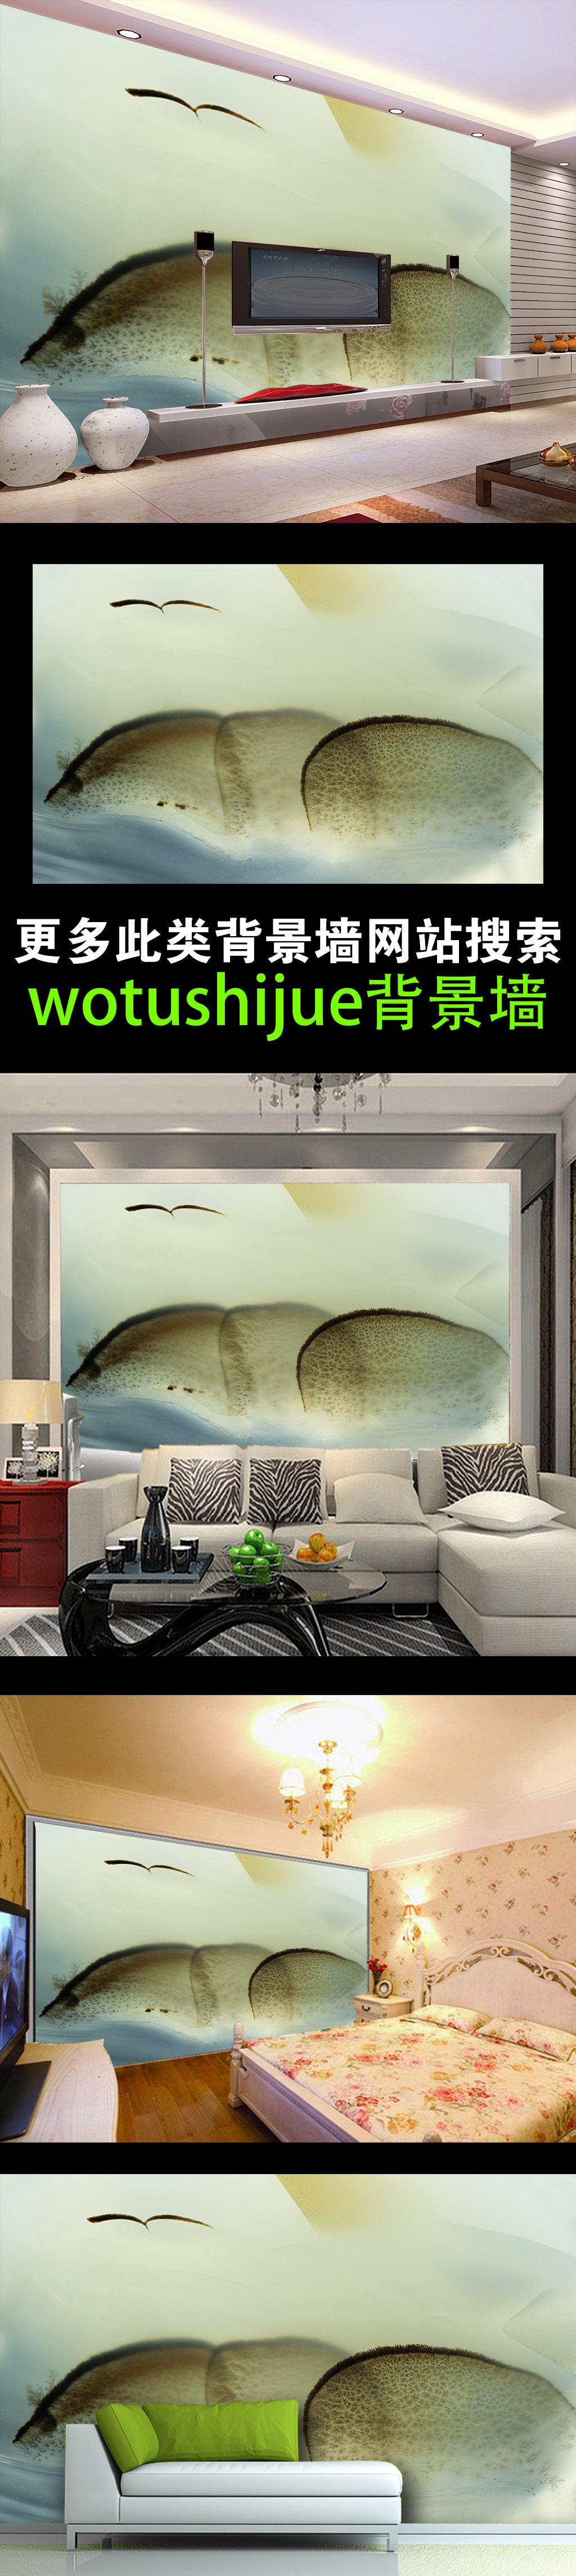 背景墙 高档/[版权图片]海洋玉髓高档玉石背景墙